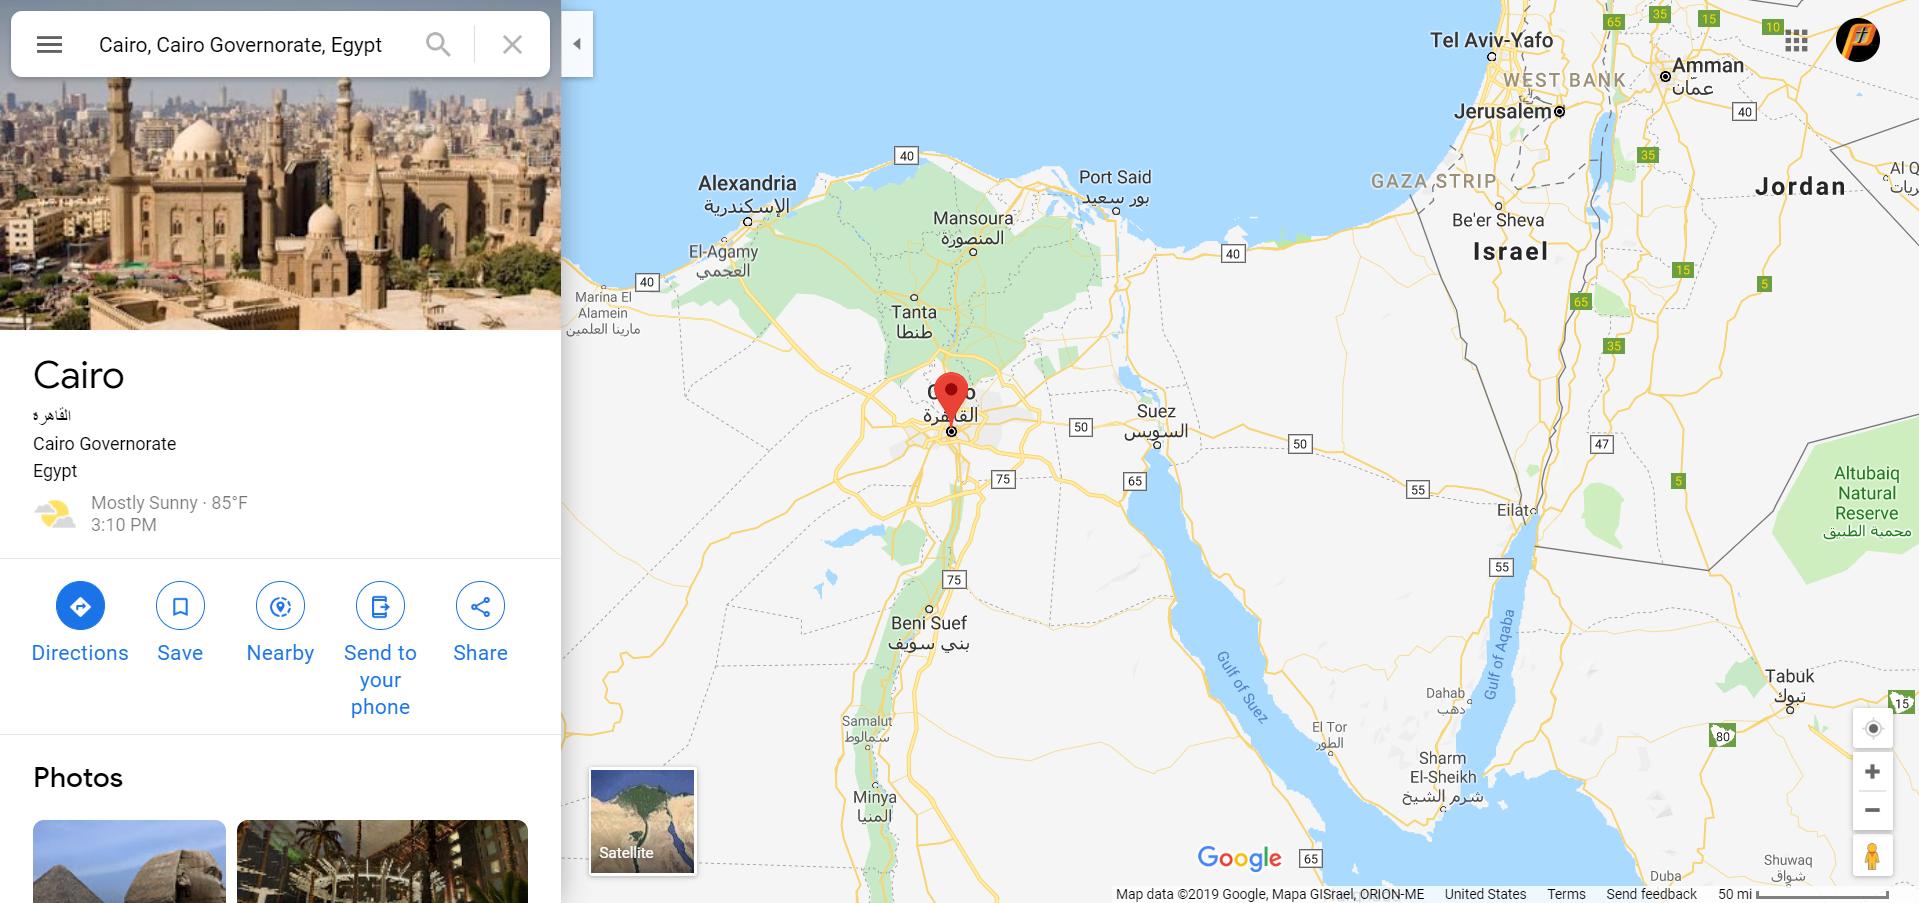 screencapture-google-maps-place-Cairo-Cairo-Governorate-Egypt-29-935436-31-2946245-7-33z-data-4m5-3m4-1s0x14583fa60b21beeb-0x79dfb296e8423bba-8m2-3d30-0444196-4d31-2357116-2019-05-04-08_10_26